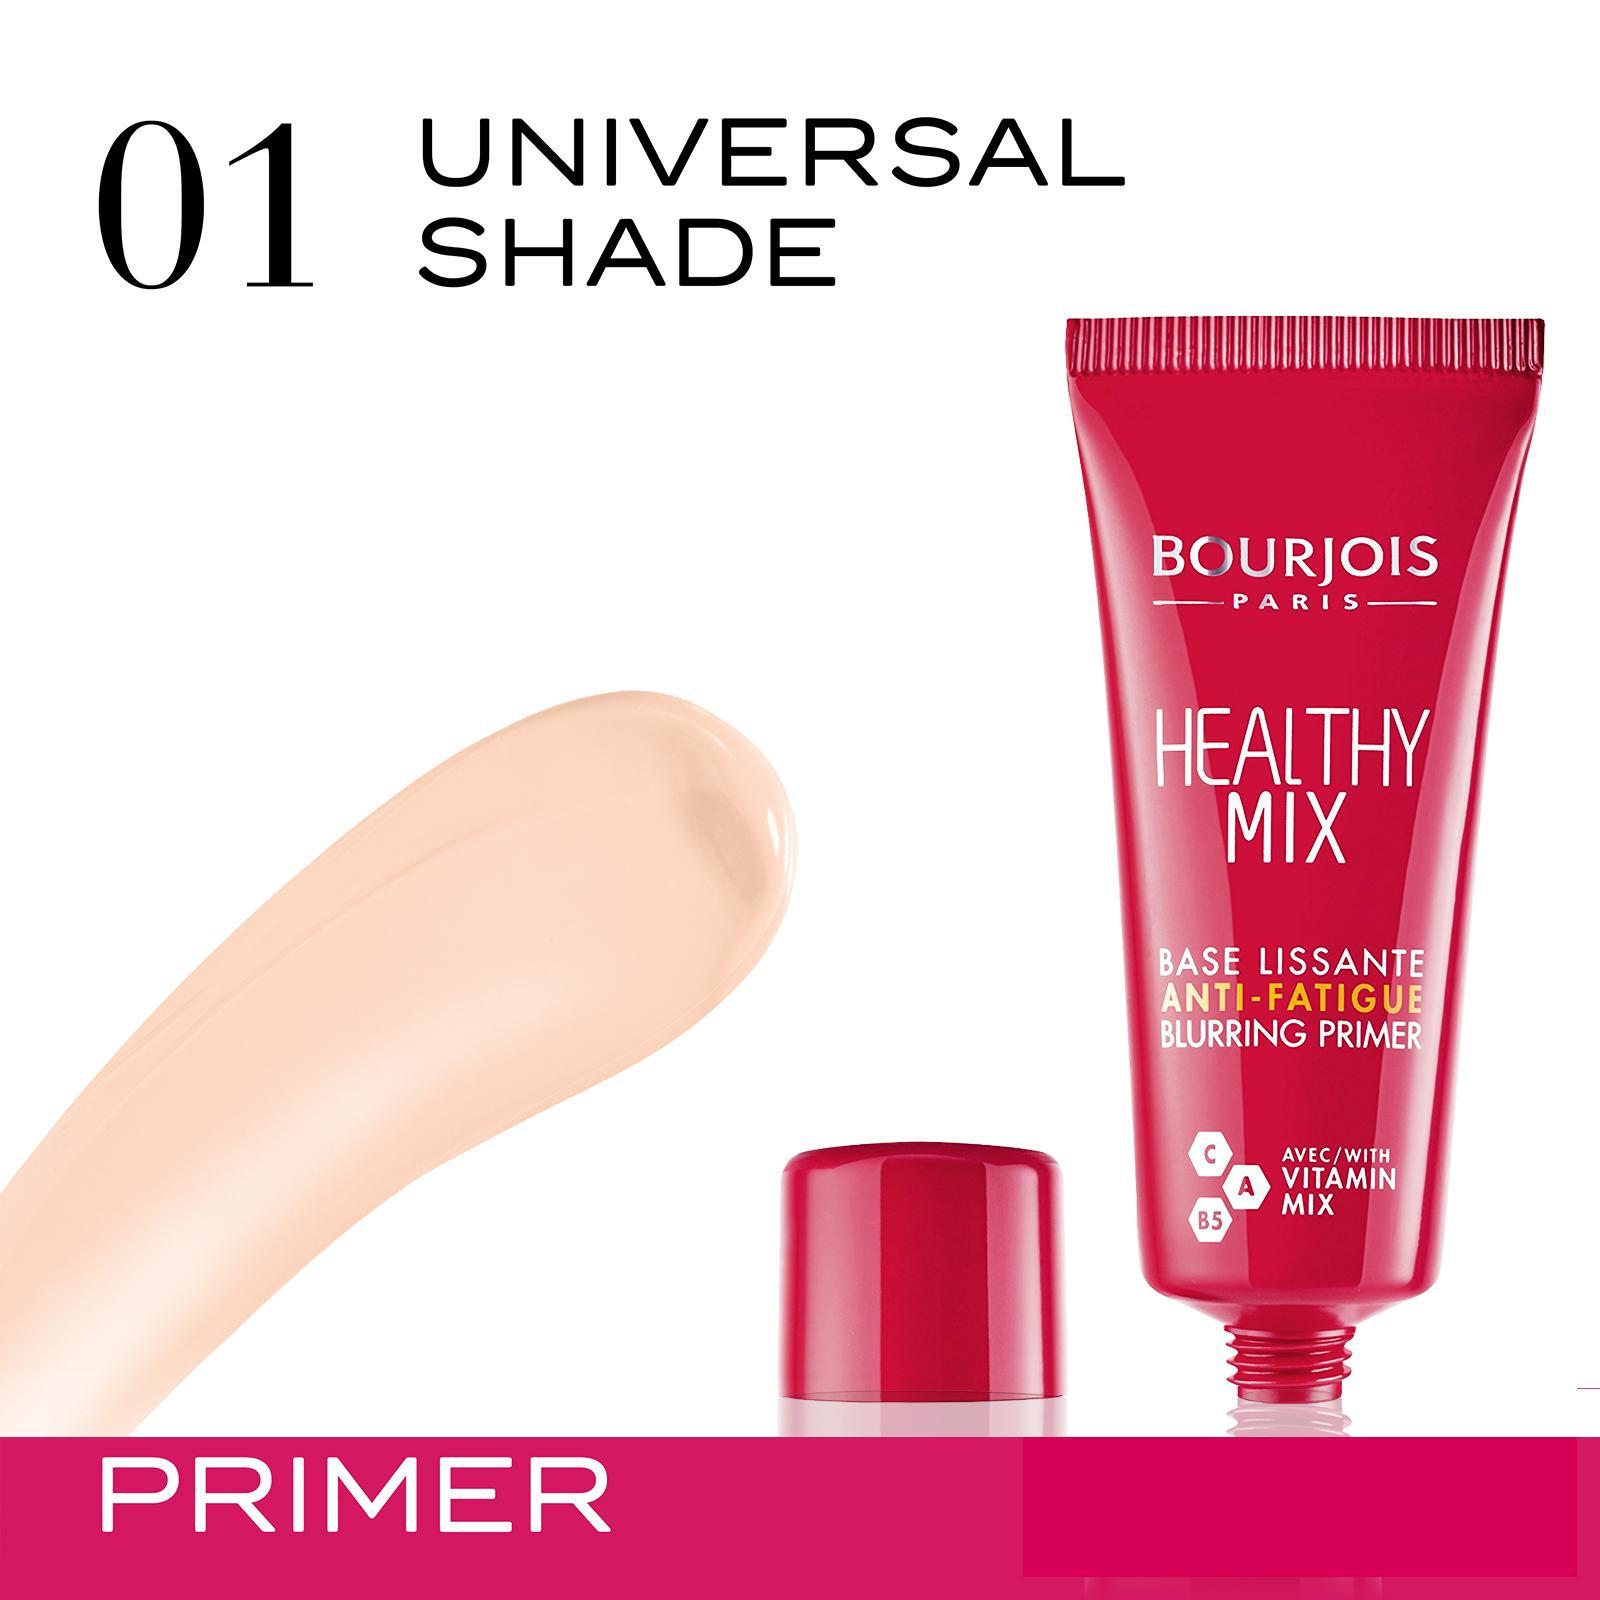 Bourjois Healthy Mix Blurring Primer Antifatigue 00 Universal Shade 20ml By Bourjois.